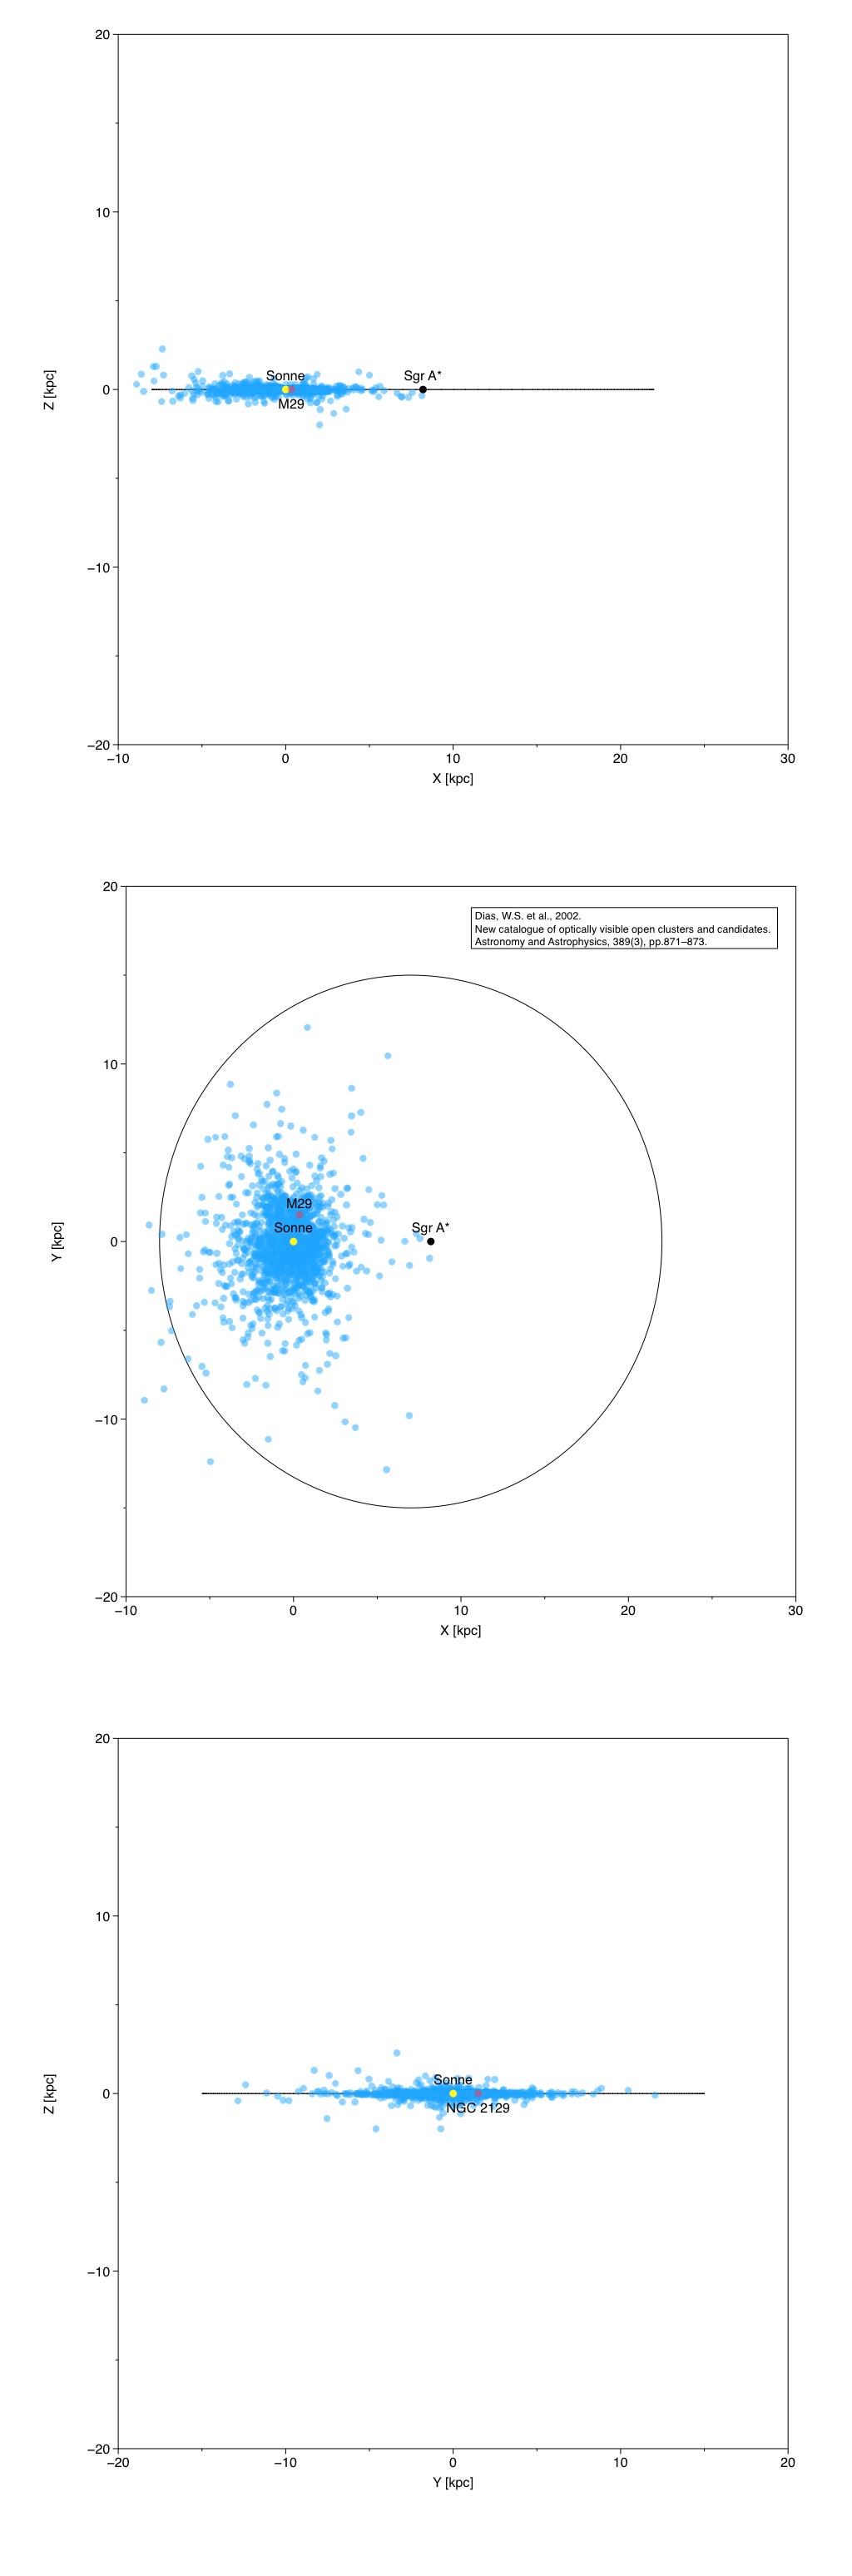 Die Position vom M29 (rot) innerhalb der Milchstrasse. Sonne (gelb), Zentrum der Milchstraße (schwarz), andere offene Sternhaufen (blau). Die Milchstraße wird durch einen erweiterten Kreis mit einem Durchmesser von 30 kpc angedeutet. Die x-Achse zeigt Richtung des Zentrum und die y-Achse in Richtung der Rotation der Milchstraße, die z-Achse weist auf den galaktischen Nordpol.